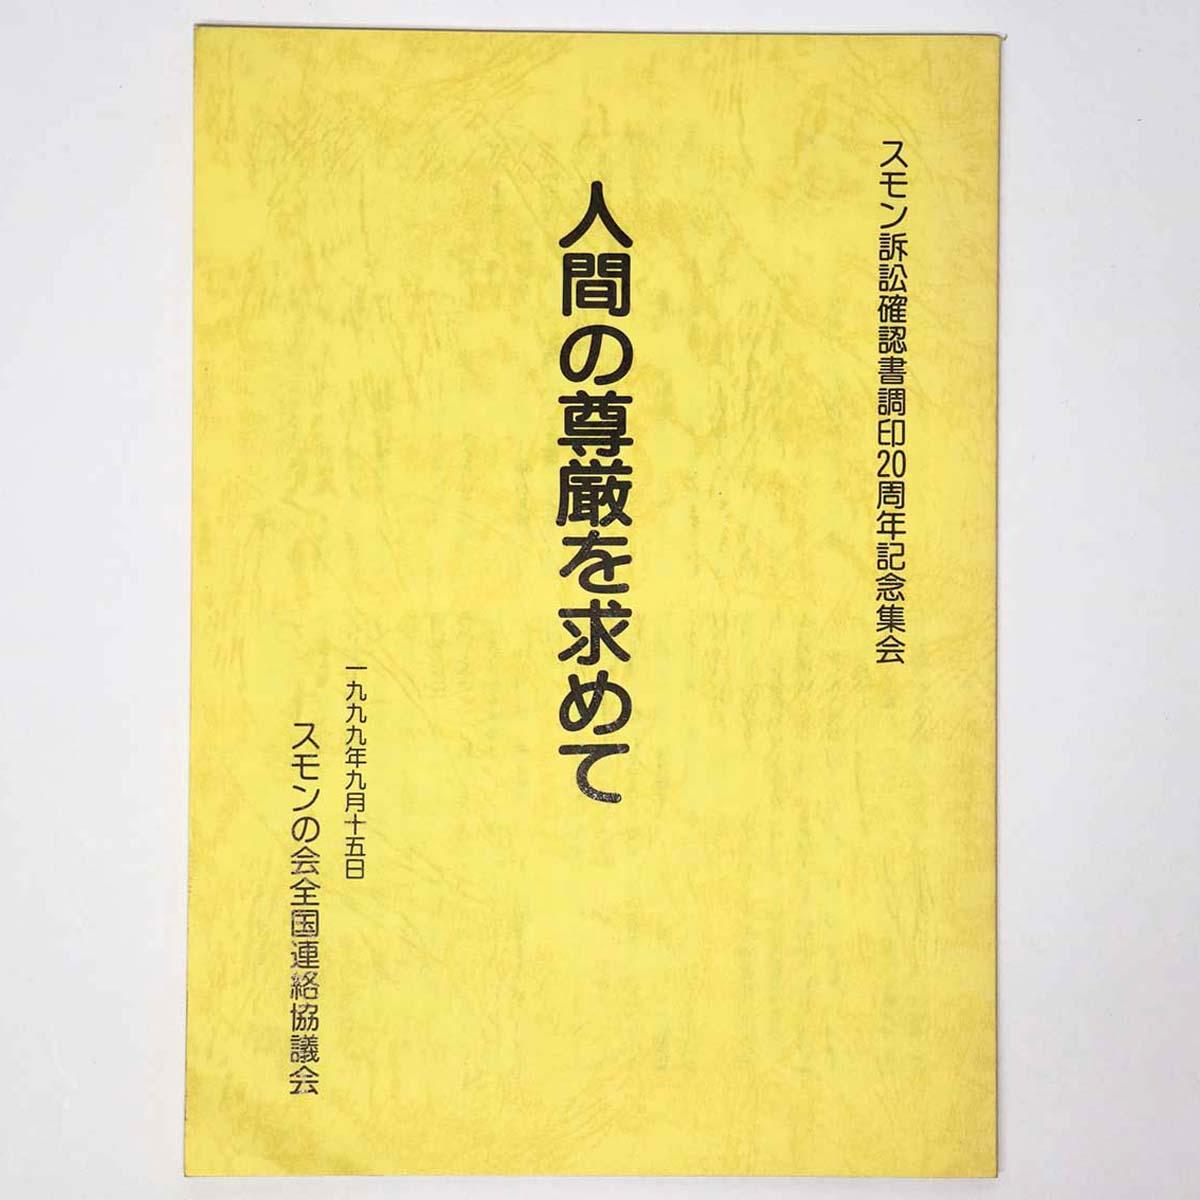 人間の尊厳を求めて スモン訴訟確認書調印20周年記念集会